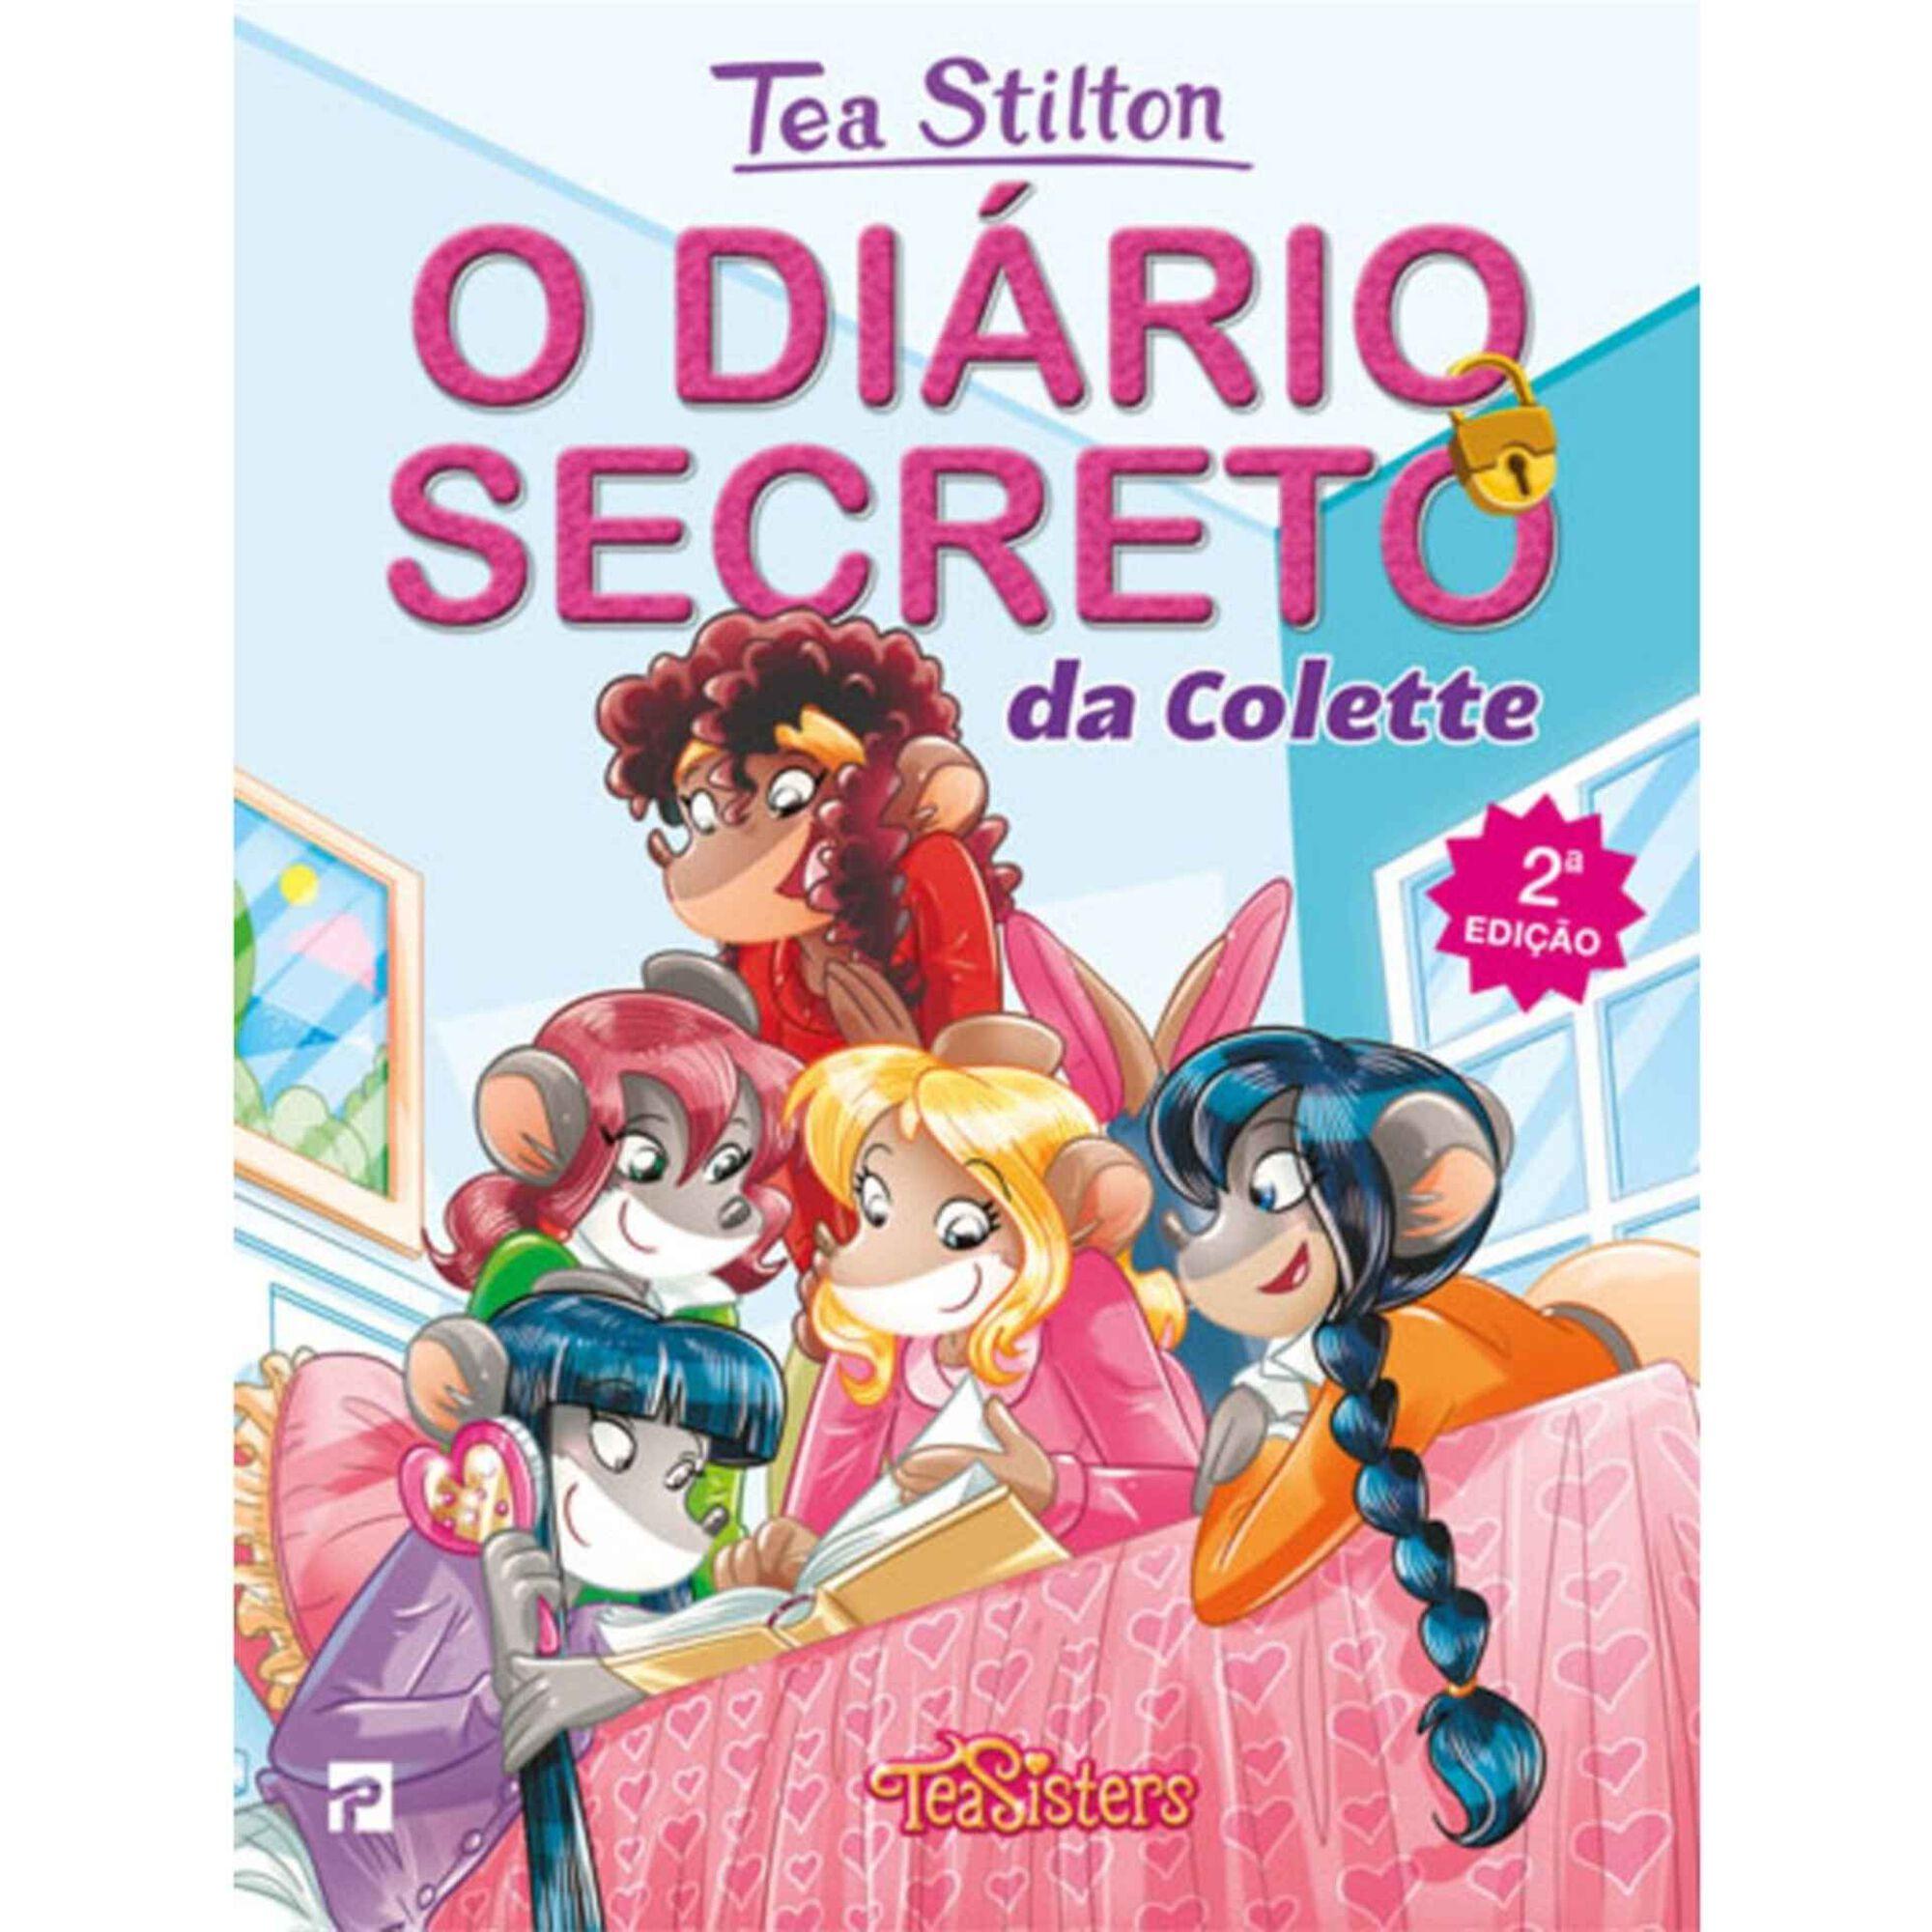 Tea Stilton - O Diário Secreto da Colette